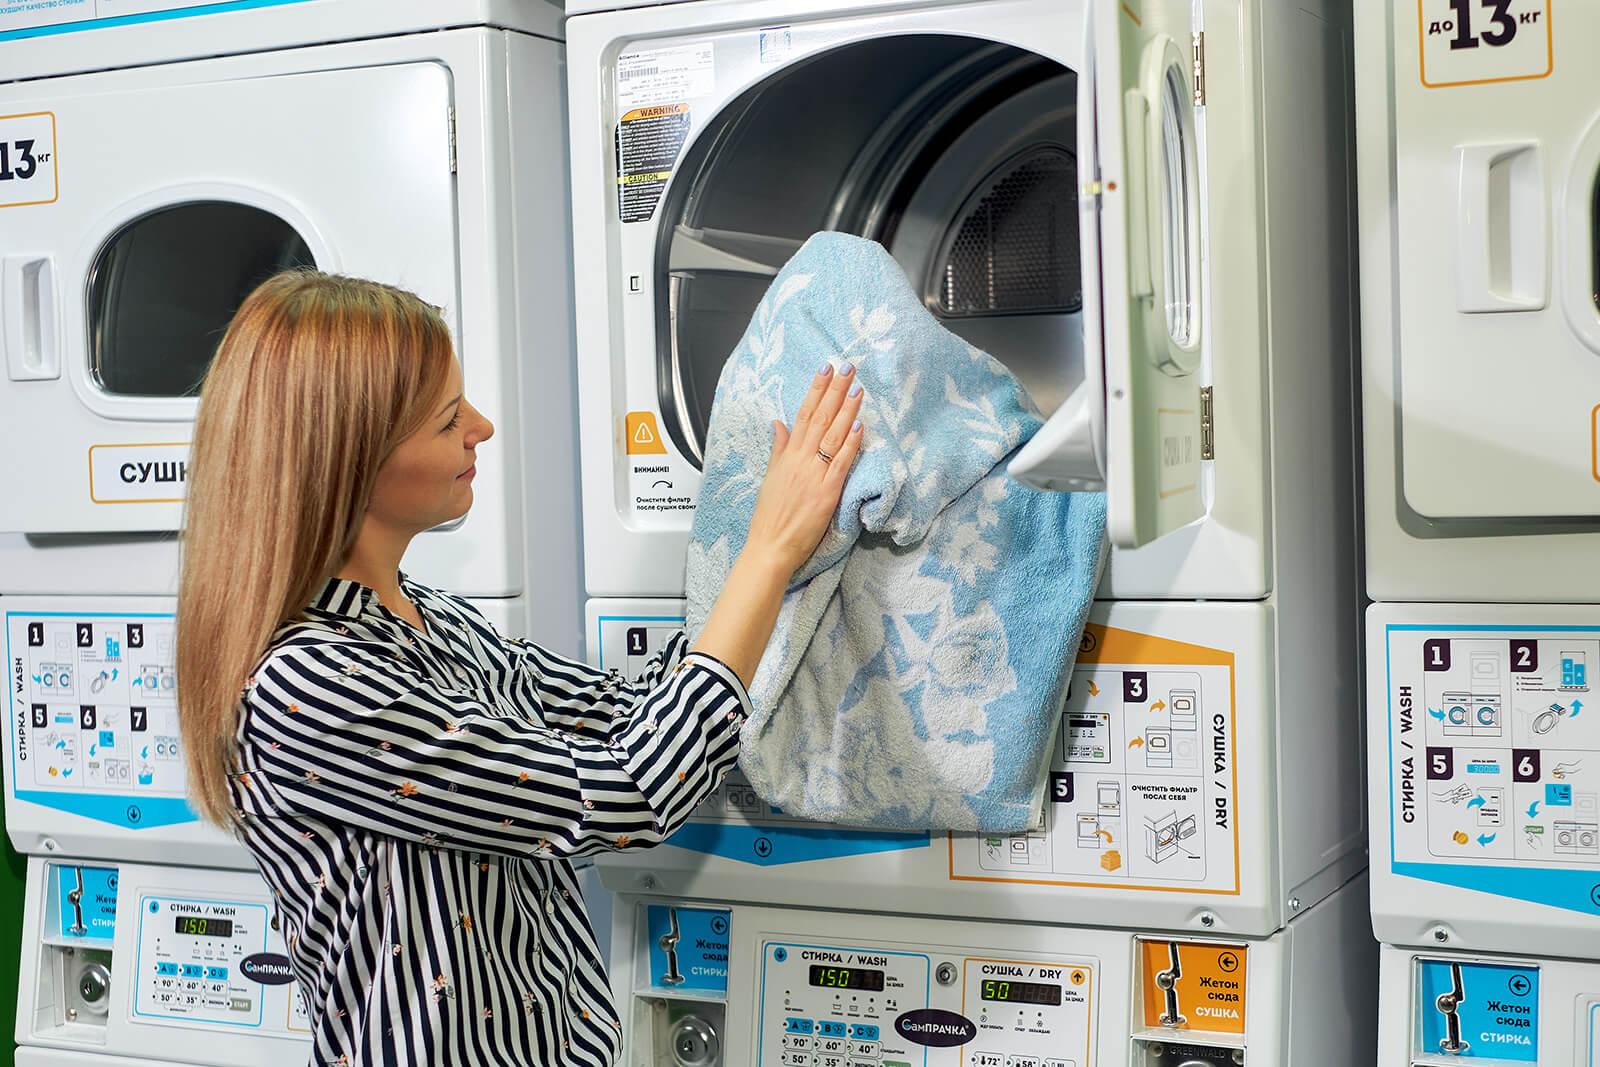 Сушка в пяти температурных режимах в зависимости от вида ткани, доступны три сушильные машинки с объемом бака 100 литров